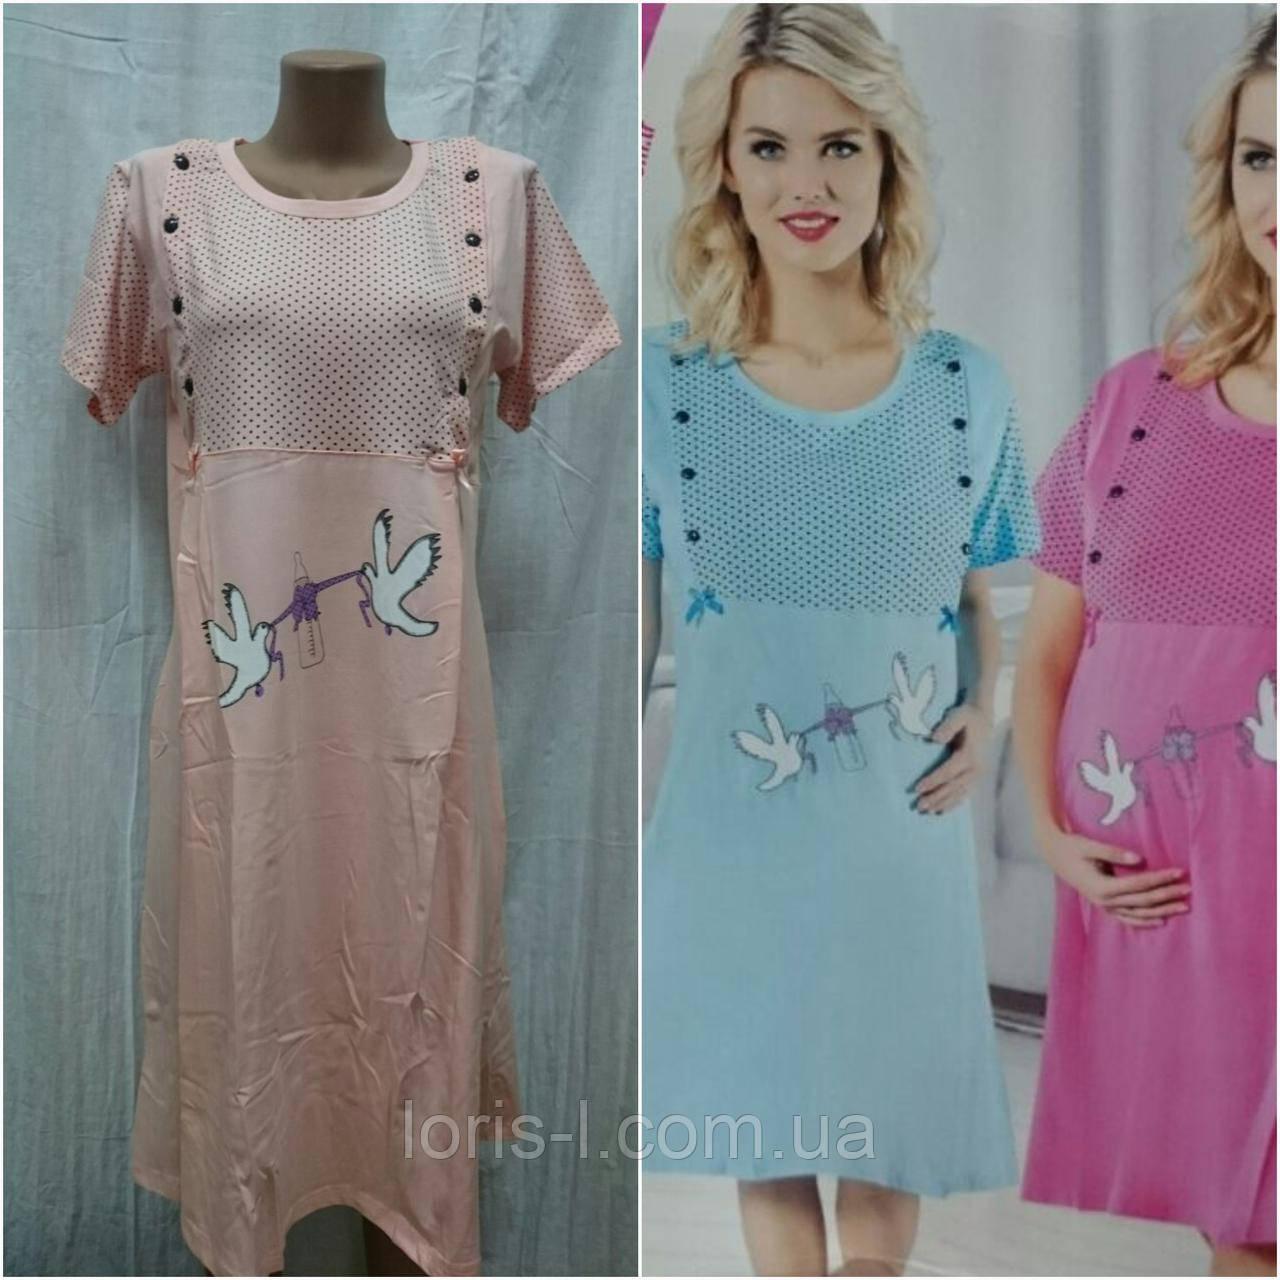 22de0329f6a3 Ночные сорочки для кормящих мам - Интернет-магазин одежды для Всей семьи